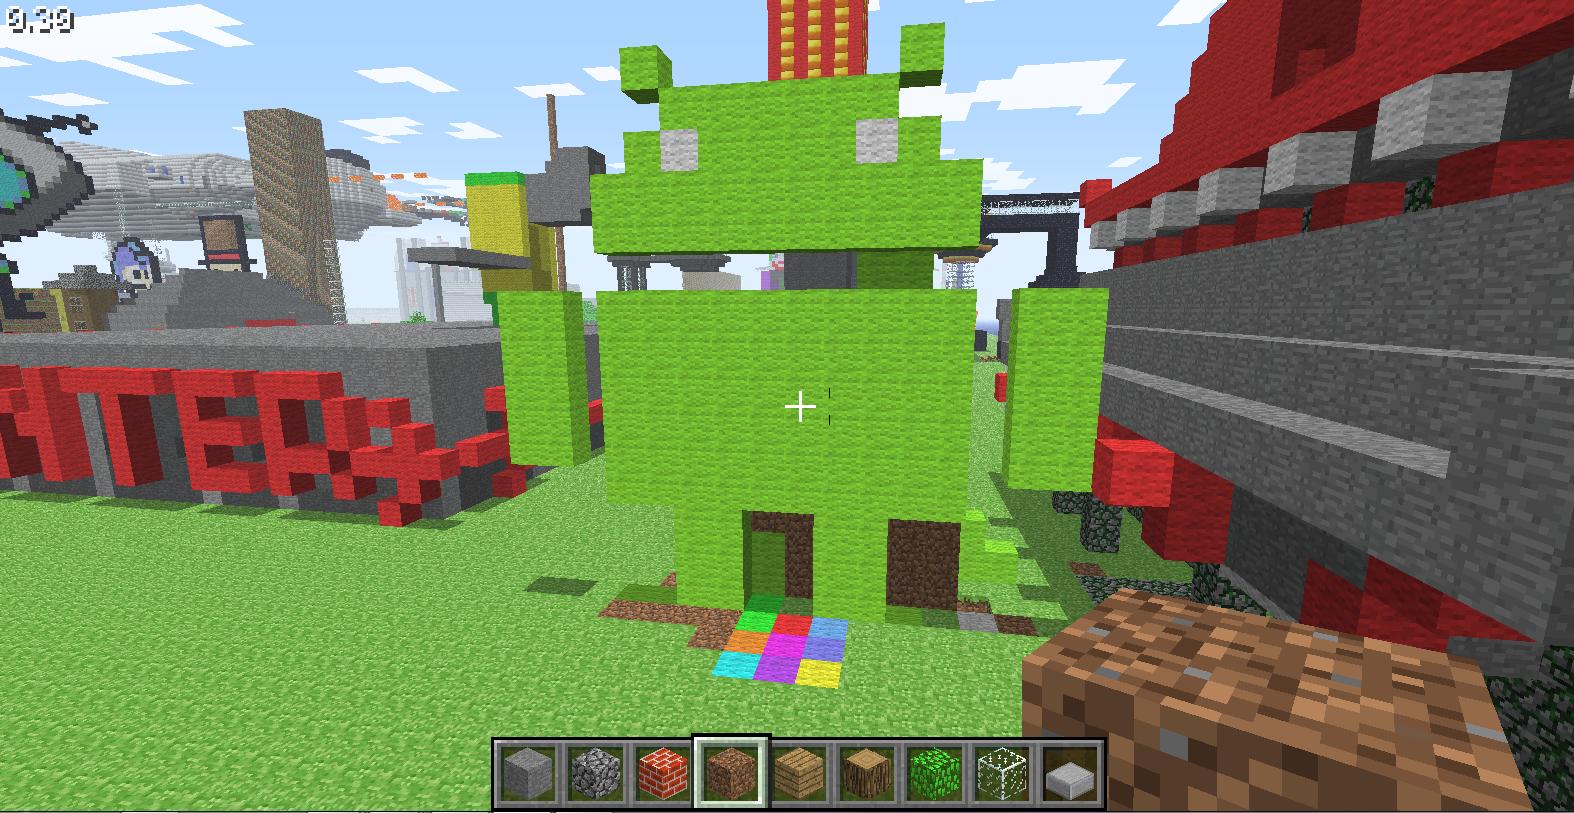 Майнкрафт как построить дом - 4efb8